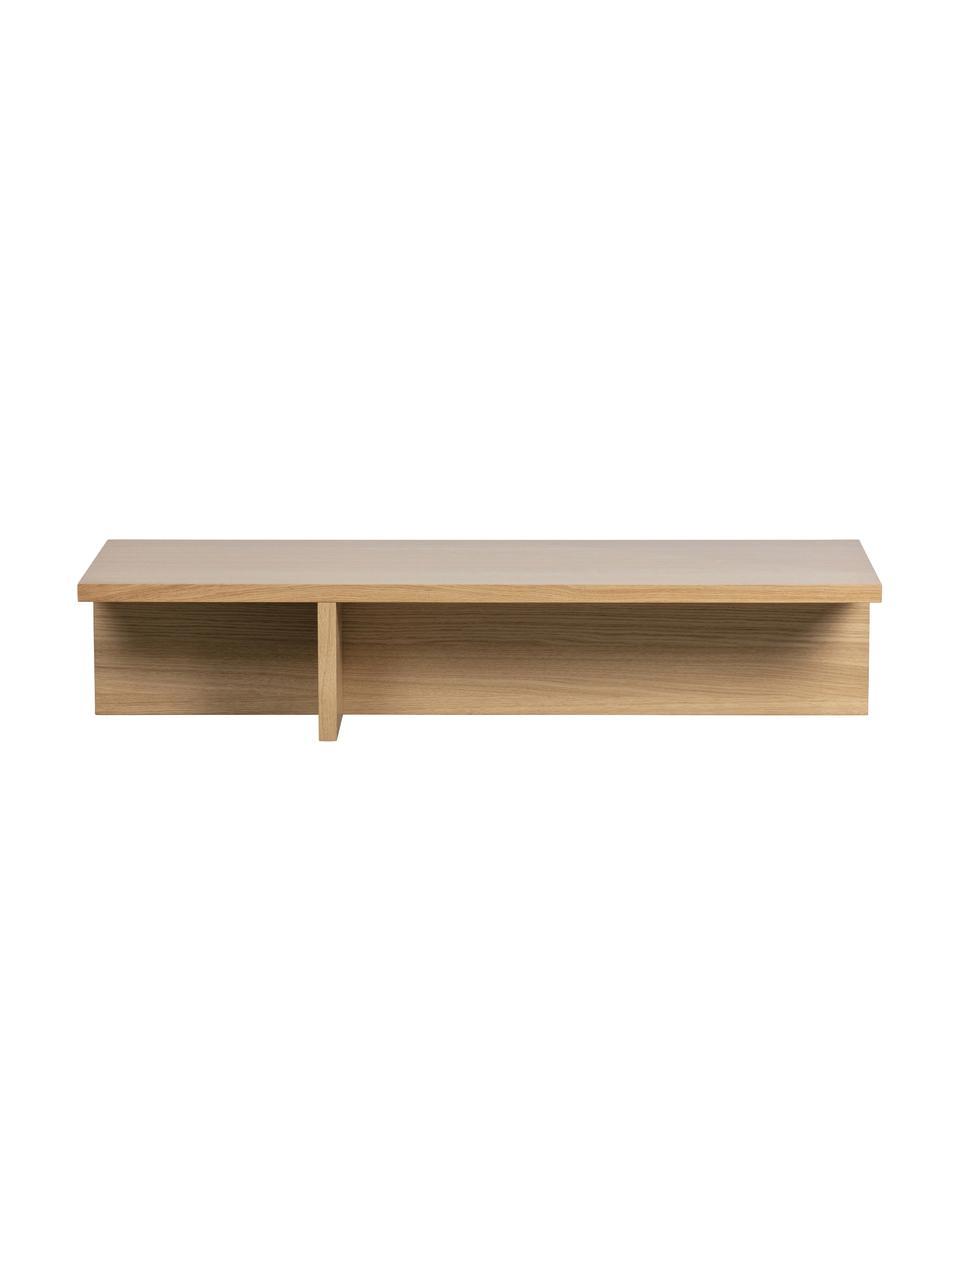 Tavolino da salotto moderno con finitura in quercia Angle, Pannello di fibra a media densità (MDF) con finitura in noce, Marrone chiaro, Larg. 135 x Alt. 27 cm